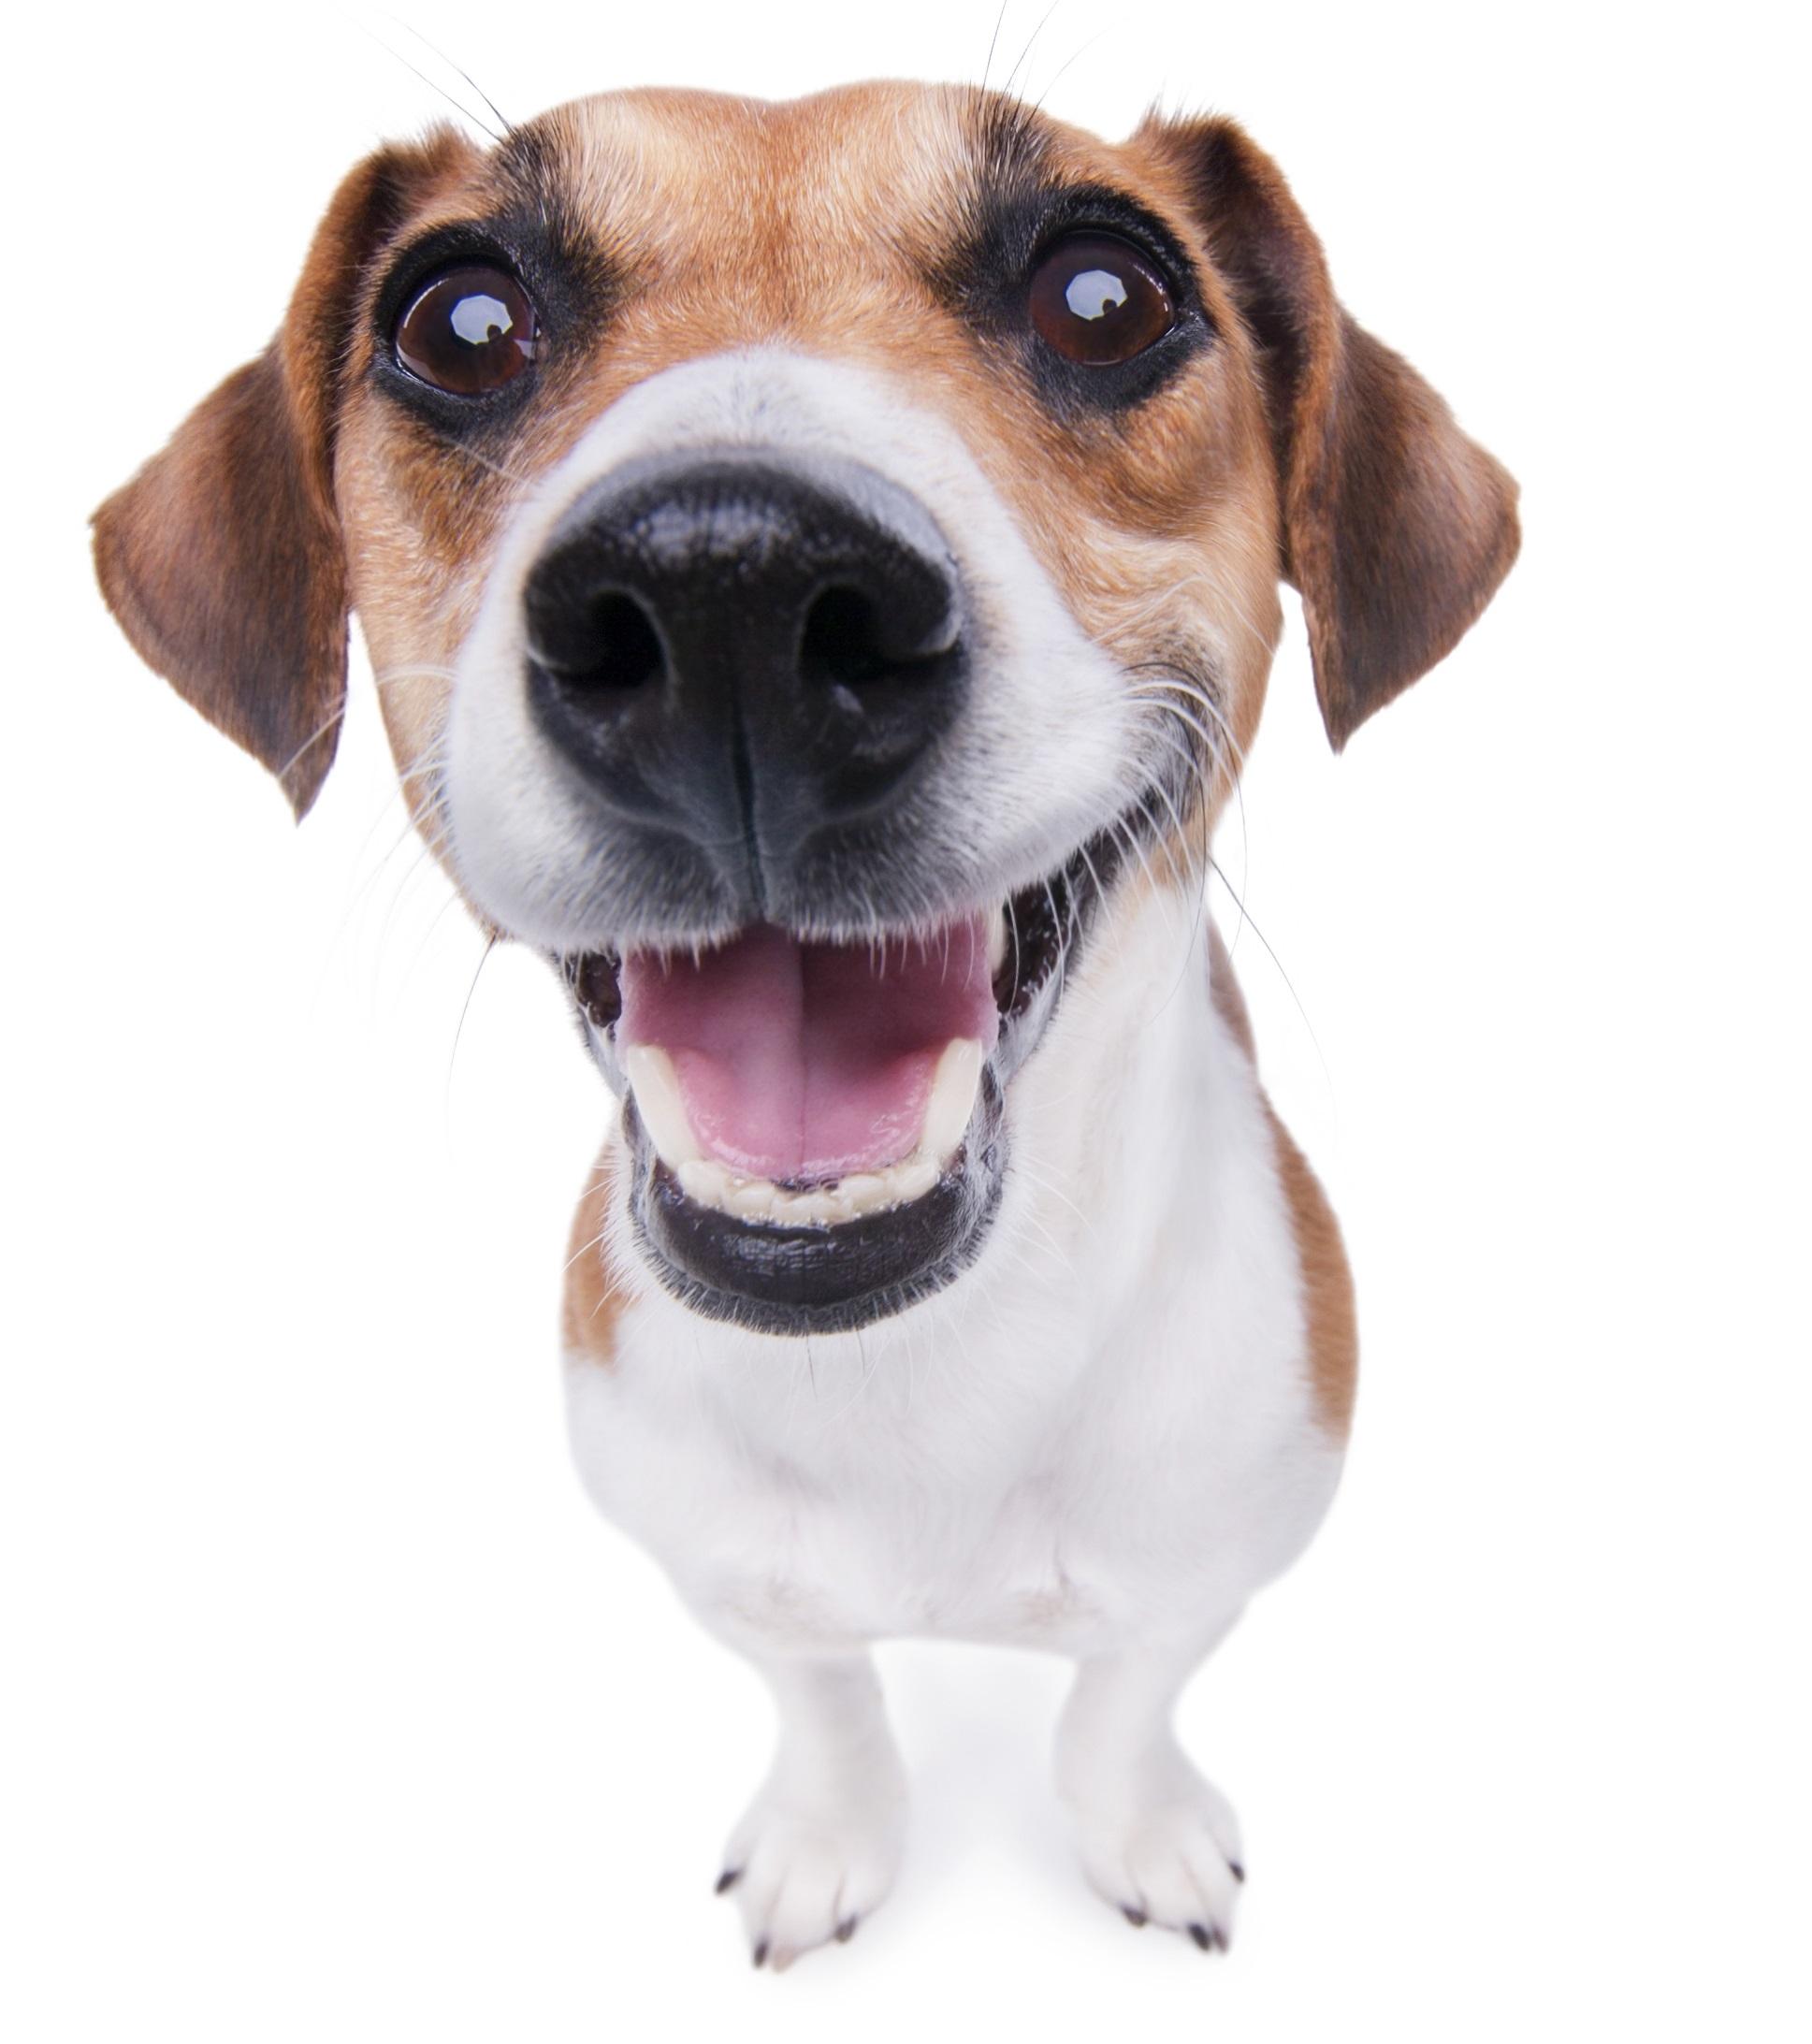 Smiling_Dog-1.jpg